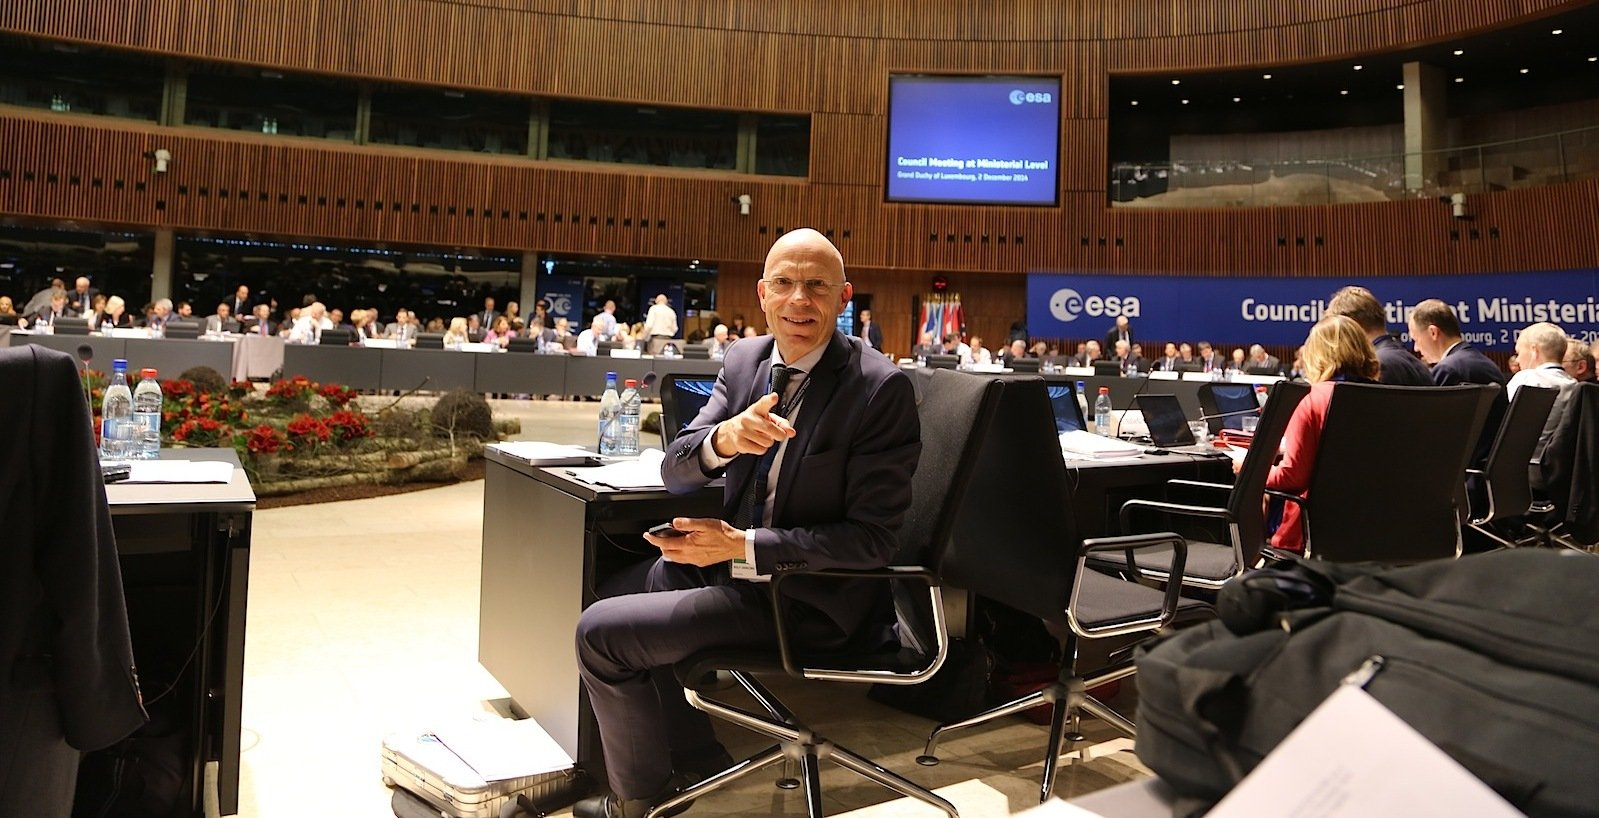 Rolf Densing ist im Deutschen Luft- und Raumfahrtzentrum für die Programme der Europäischen Weltraumorganisation ESA zuständig.